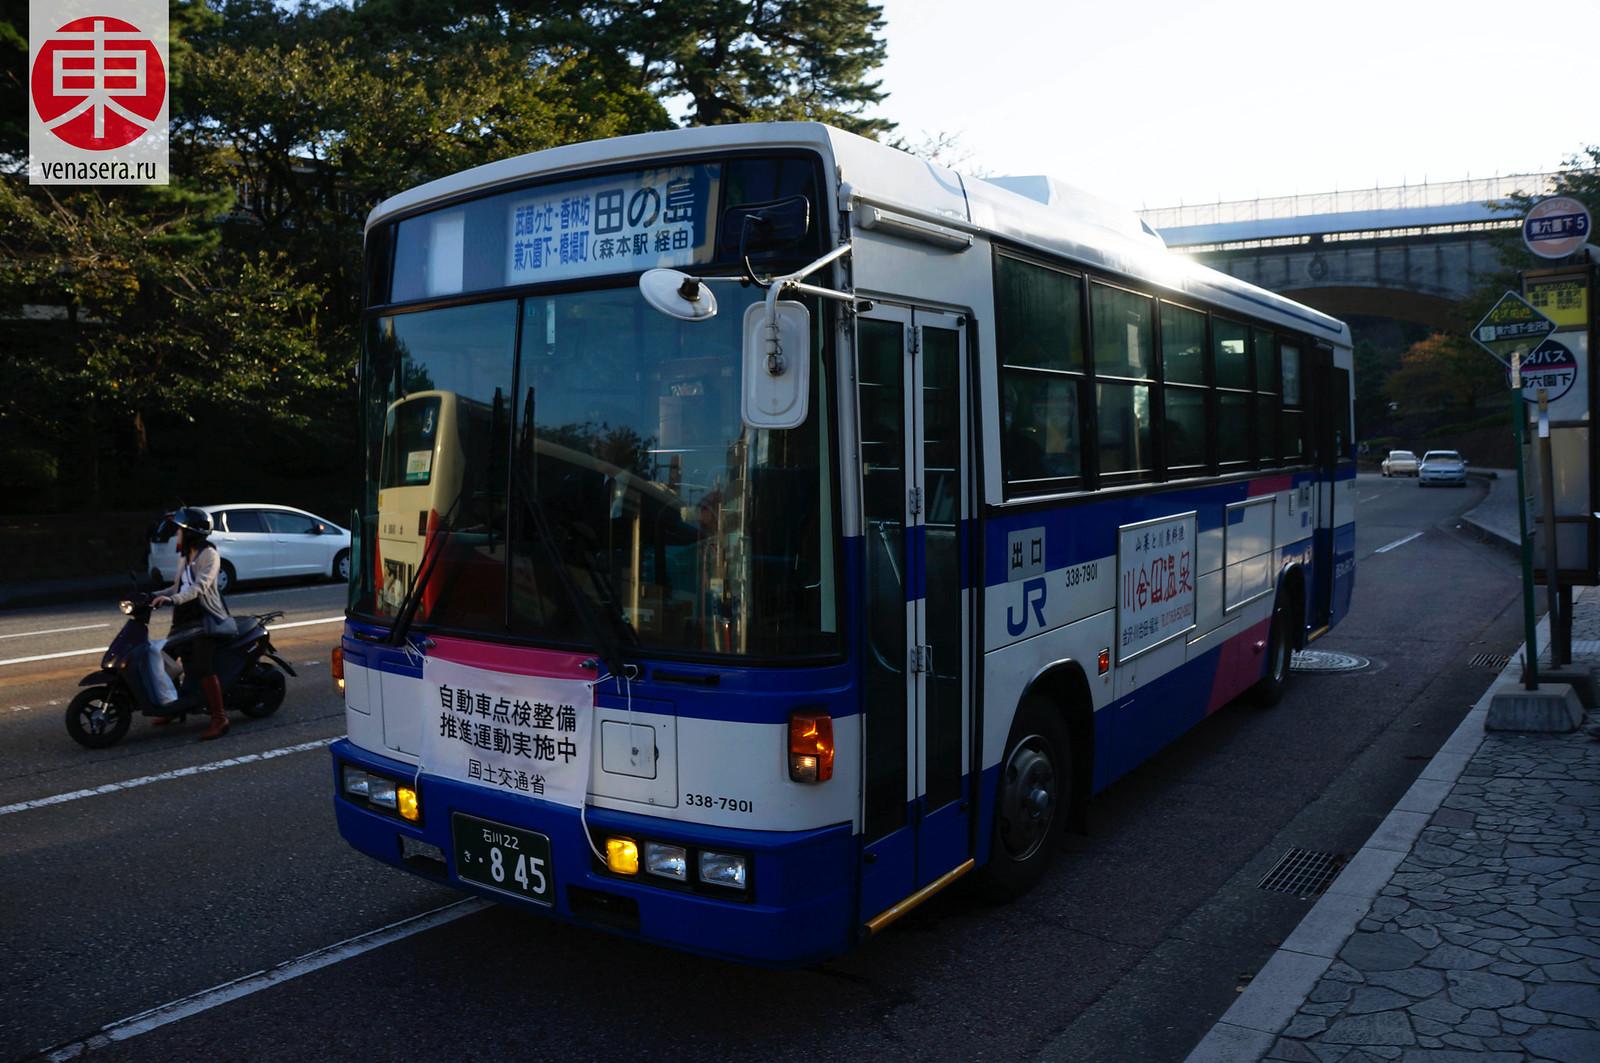 Канадзава, Kanazawa, 金沢